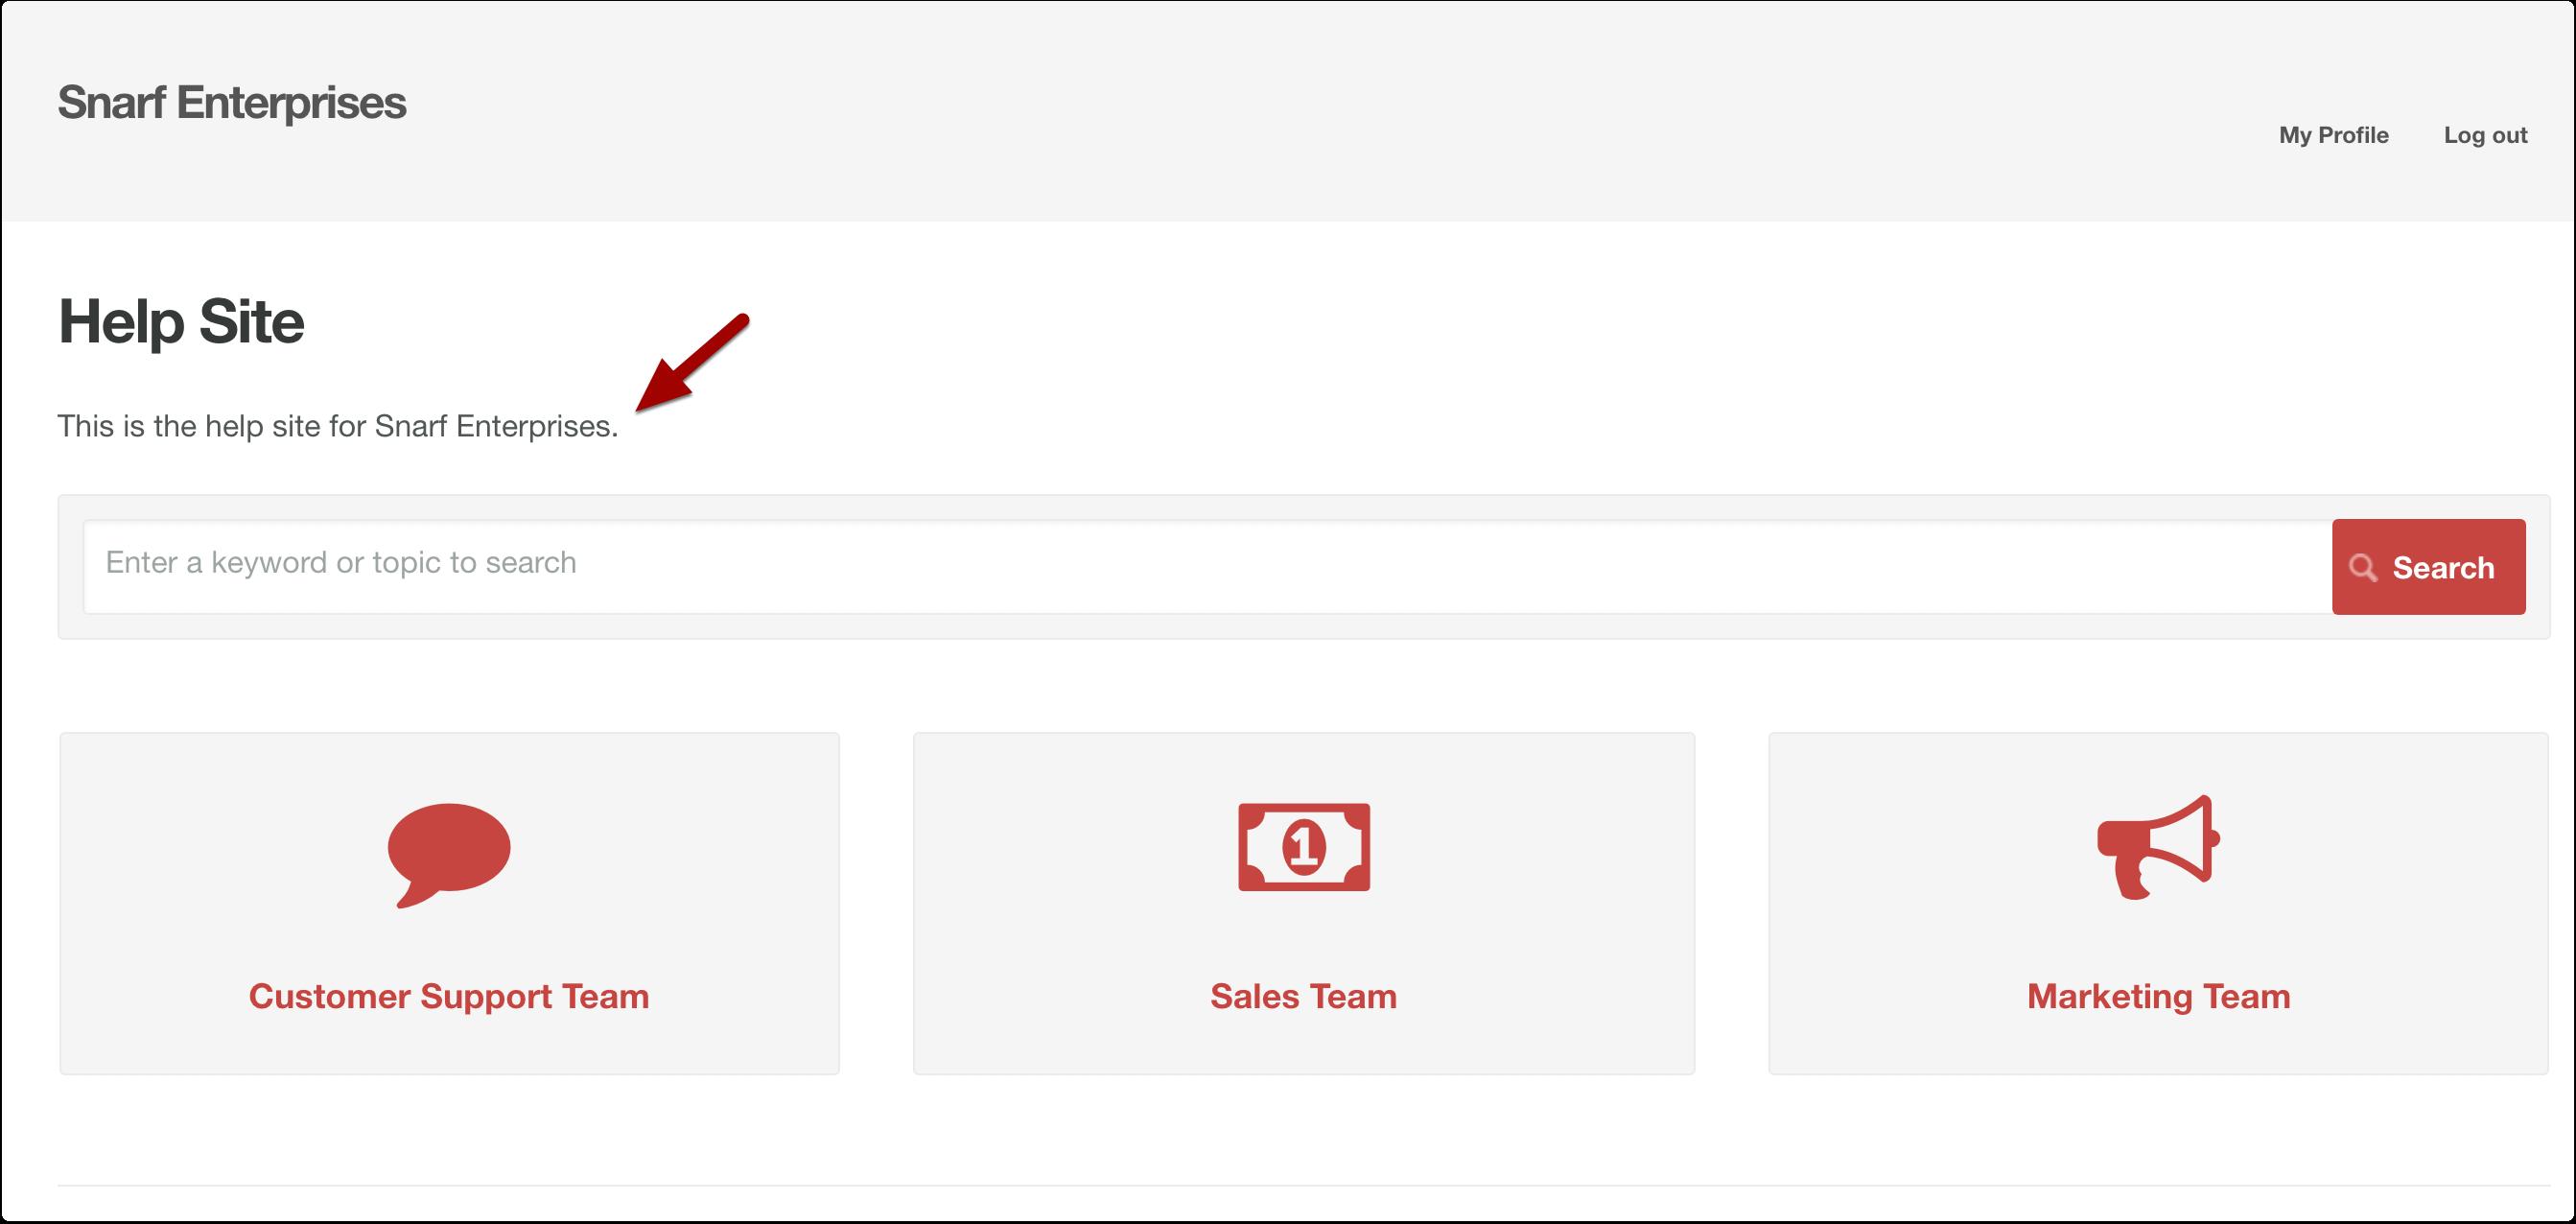 Where the site description appears